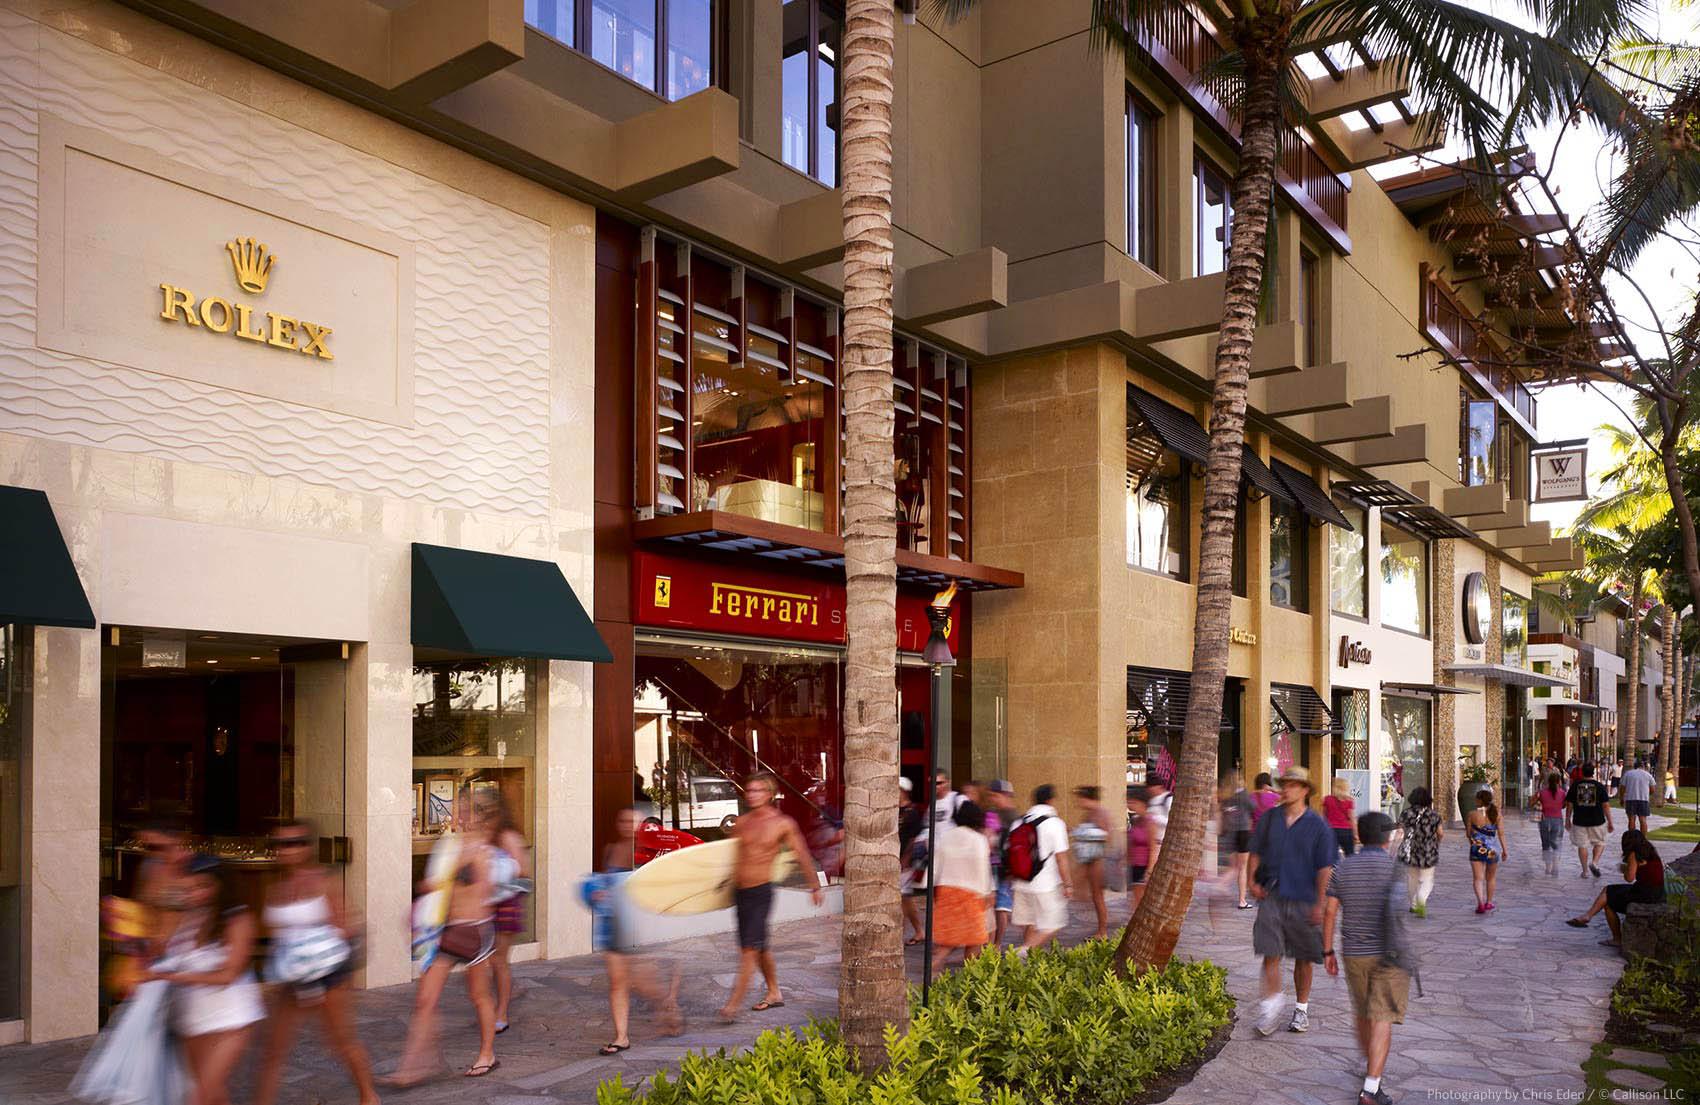 Royal Hawaiian Shopping Center - Streetside activity